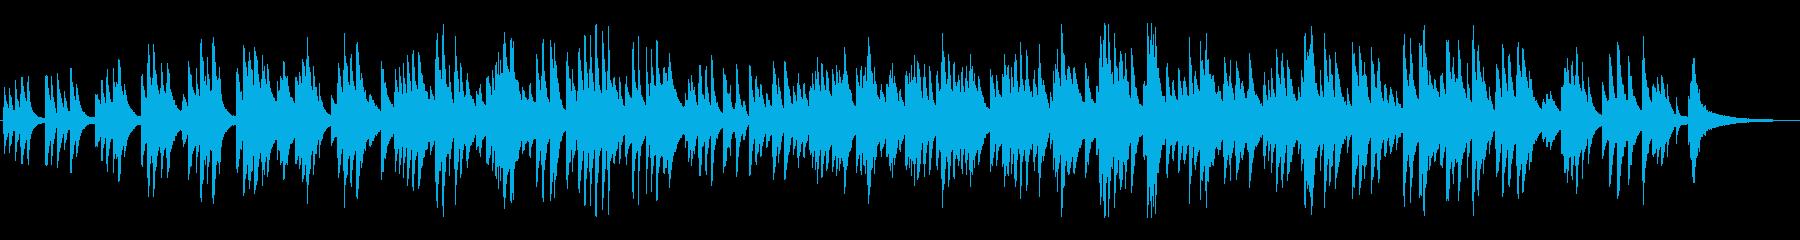 哀愁のあるジャズ風ラウンジピアノソロの再生済みの波形